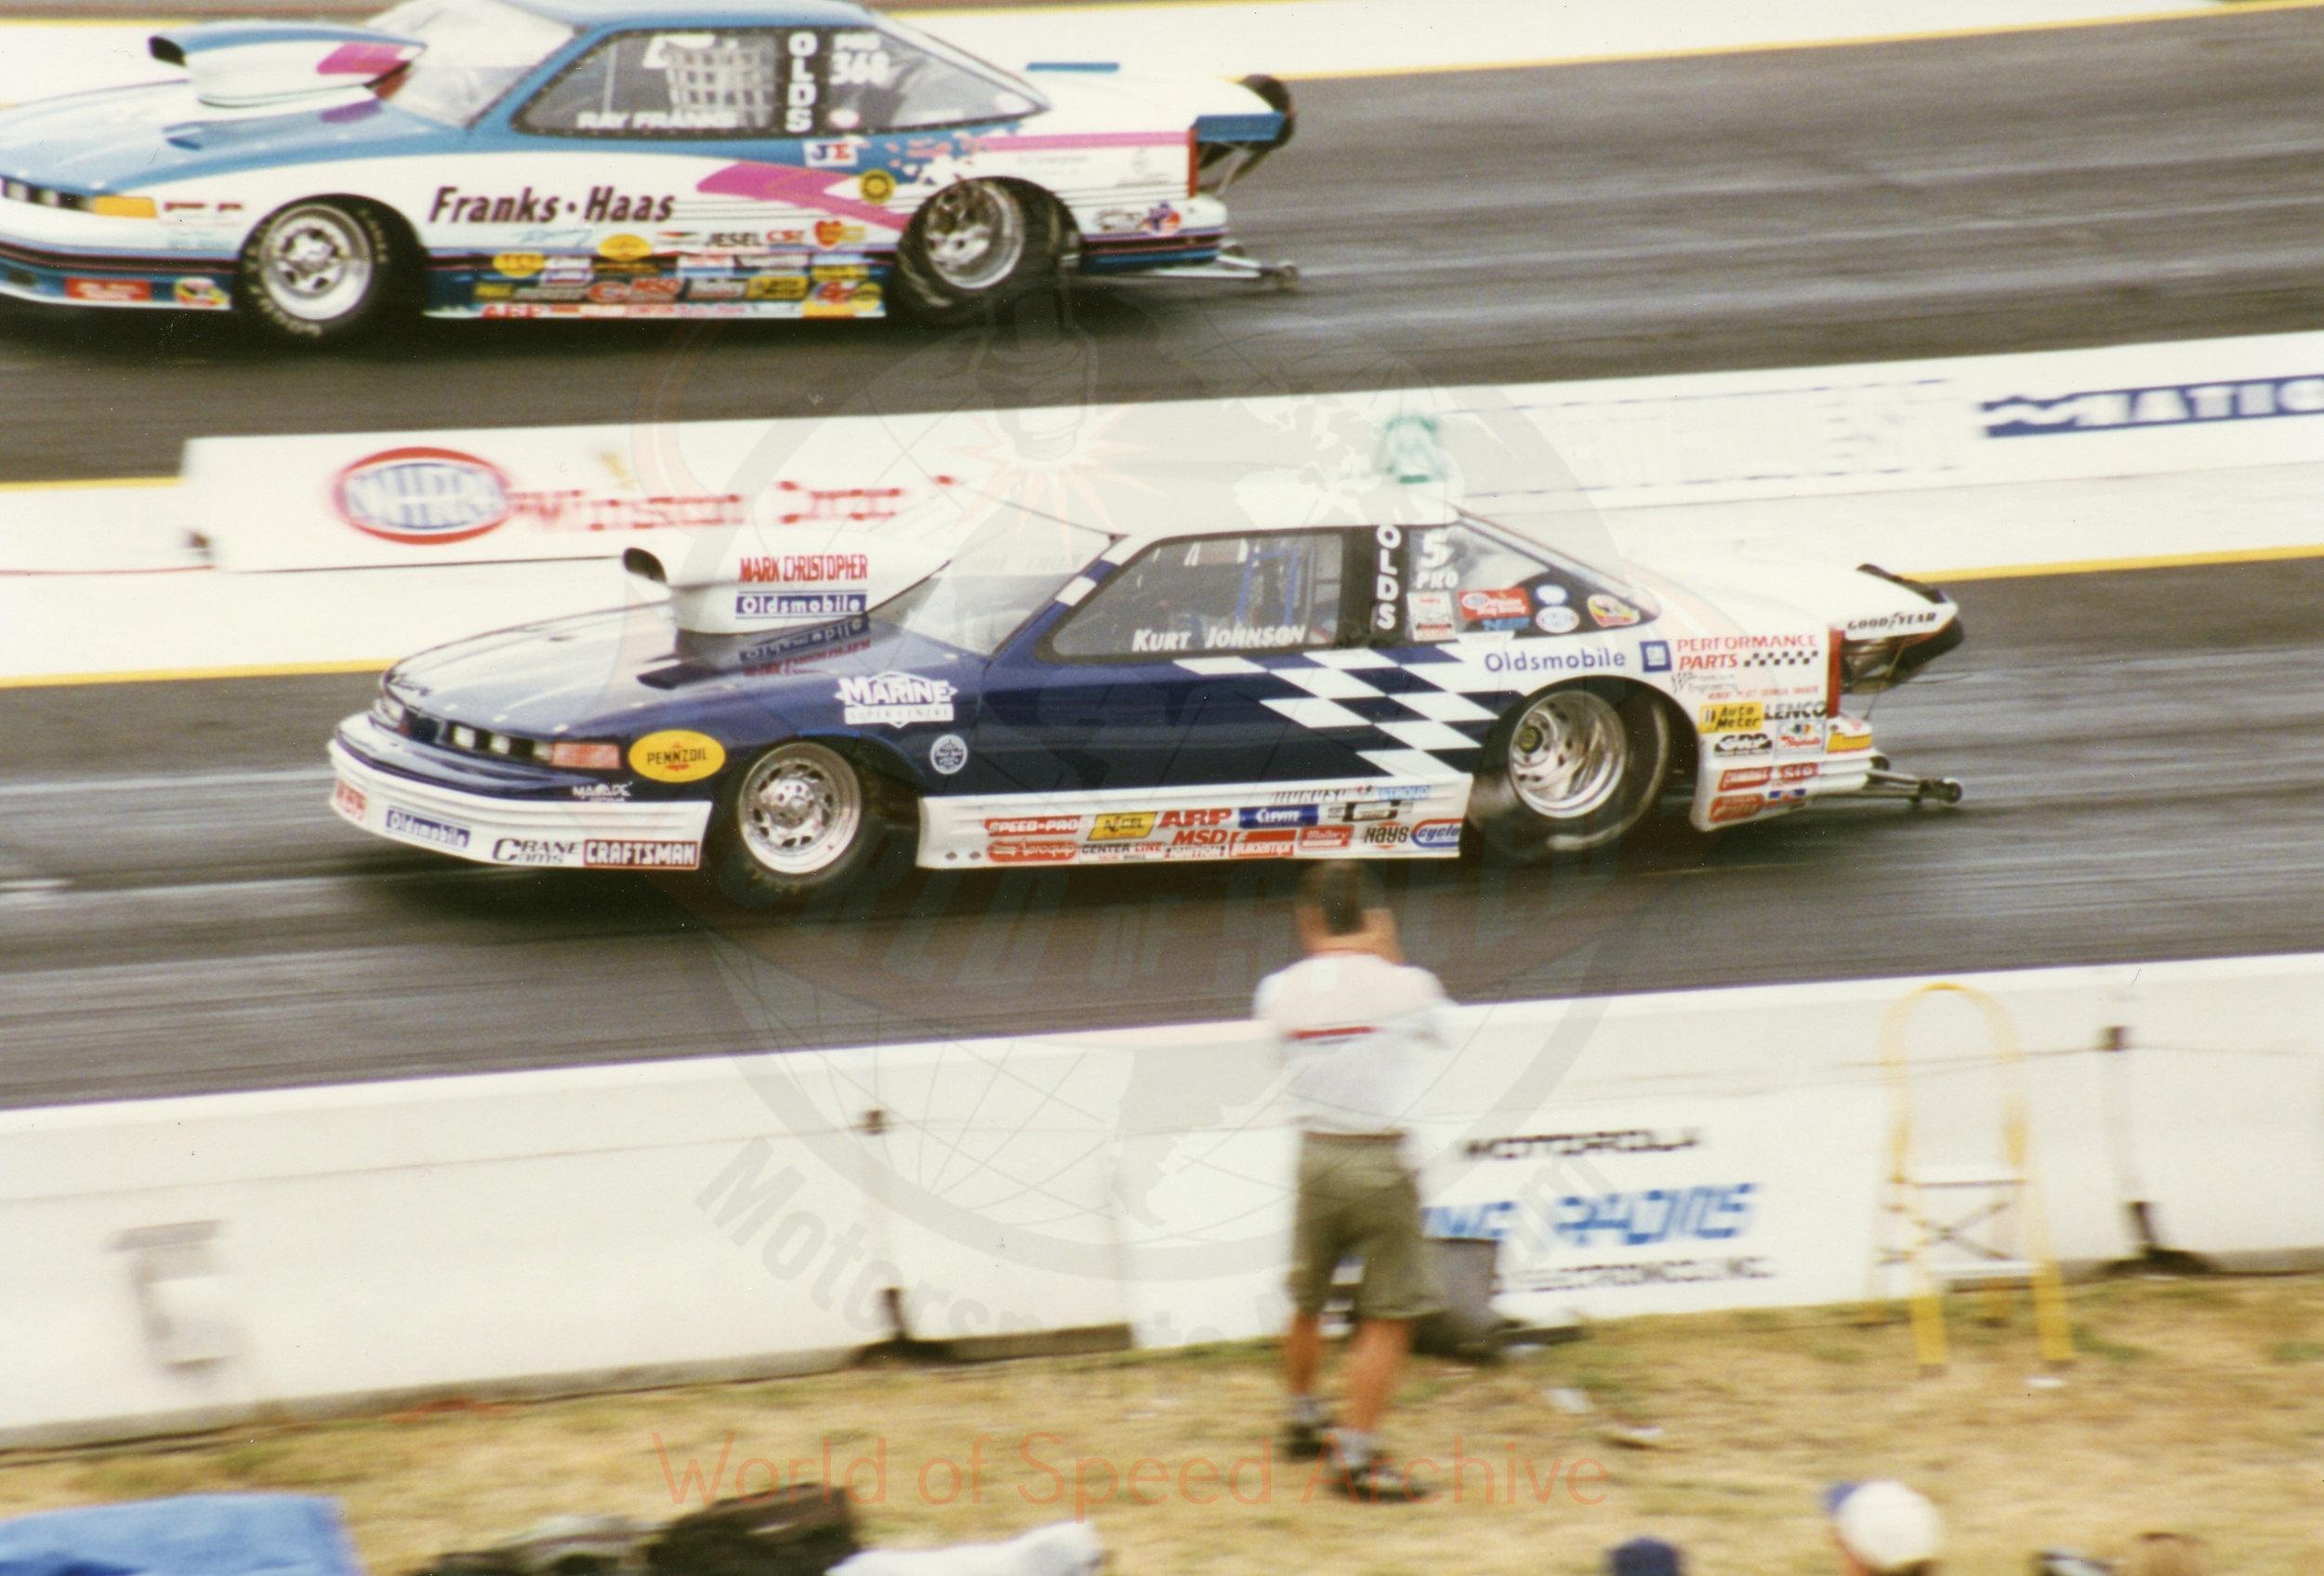 B4-S3-G1-F17-001 - Kurt Johnson, Franks Haas